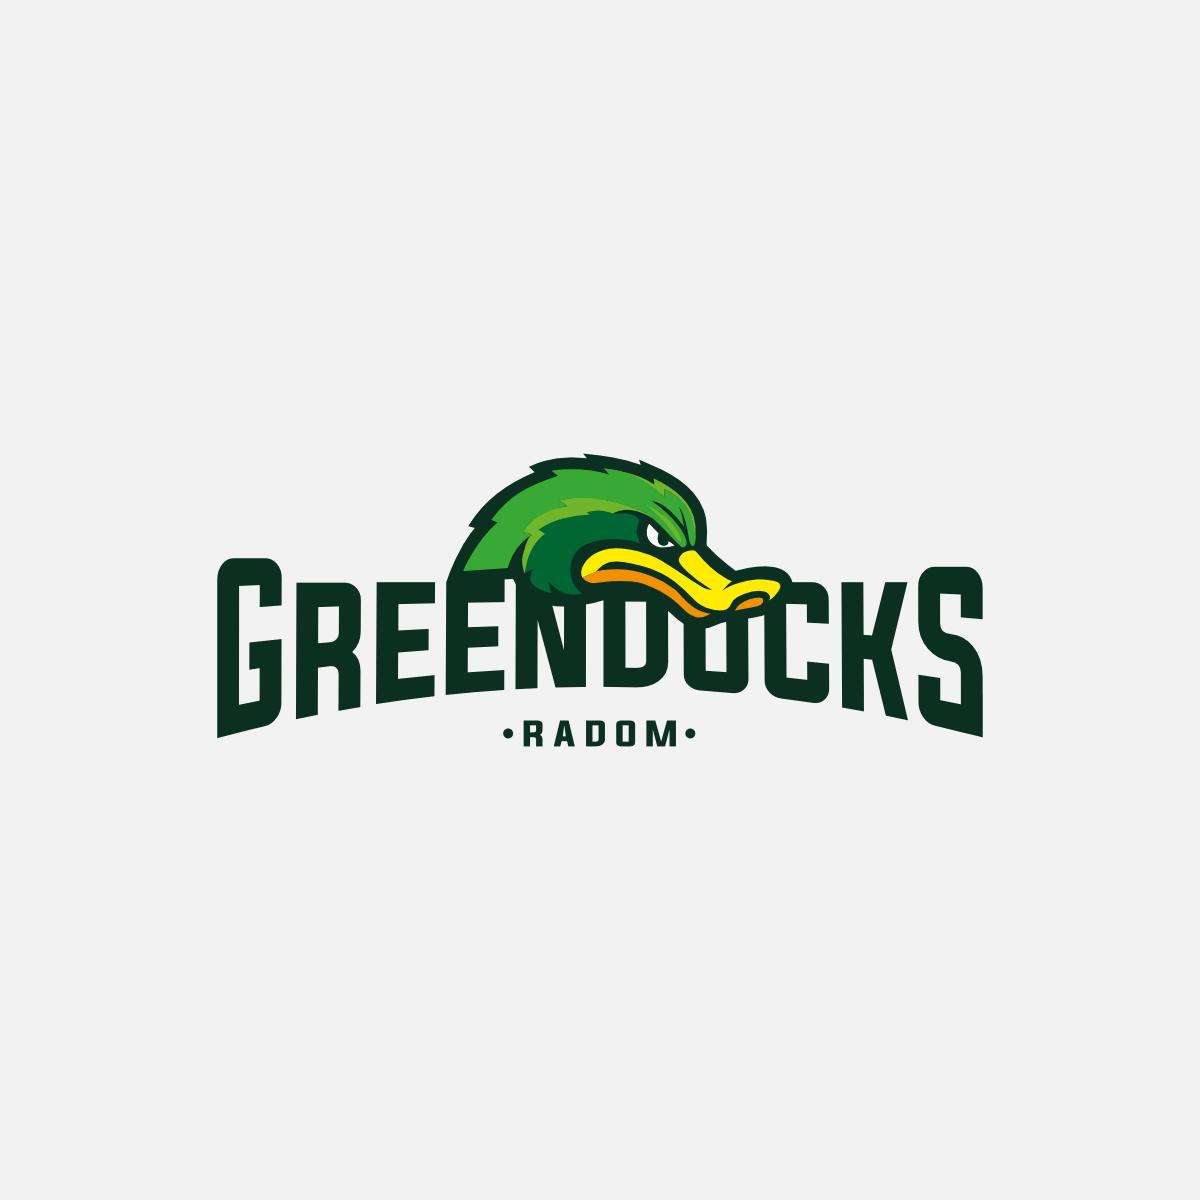 Green ducks projekt logo